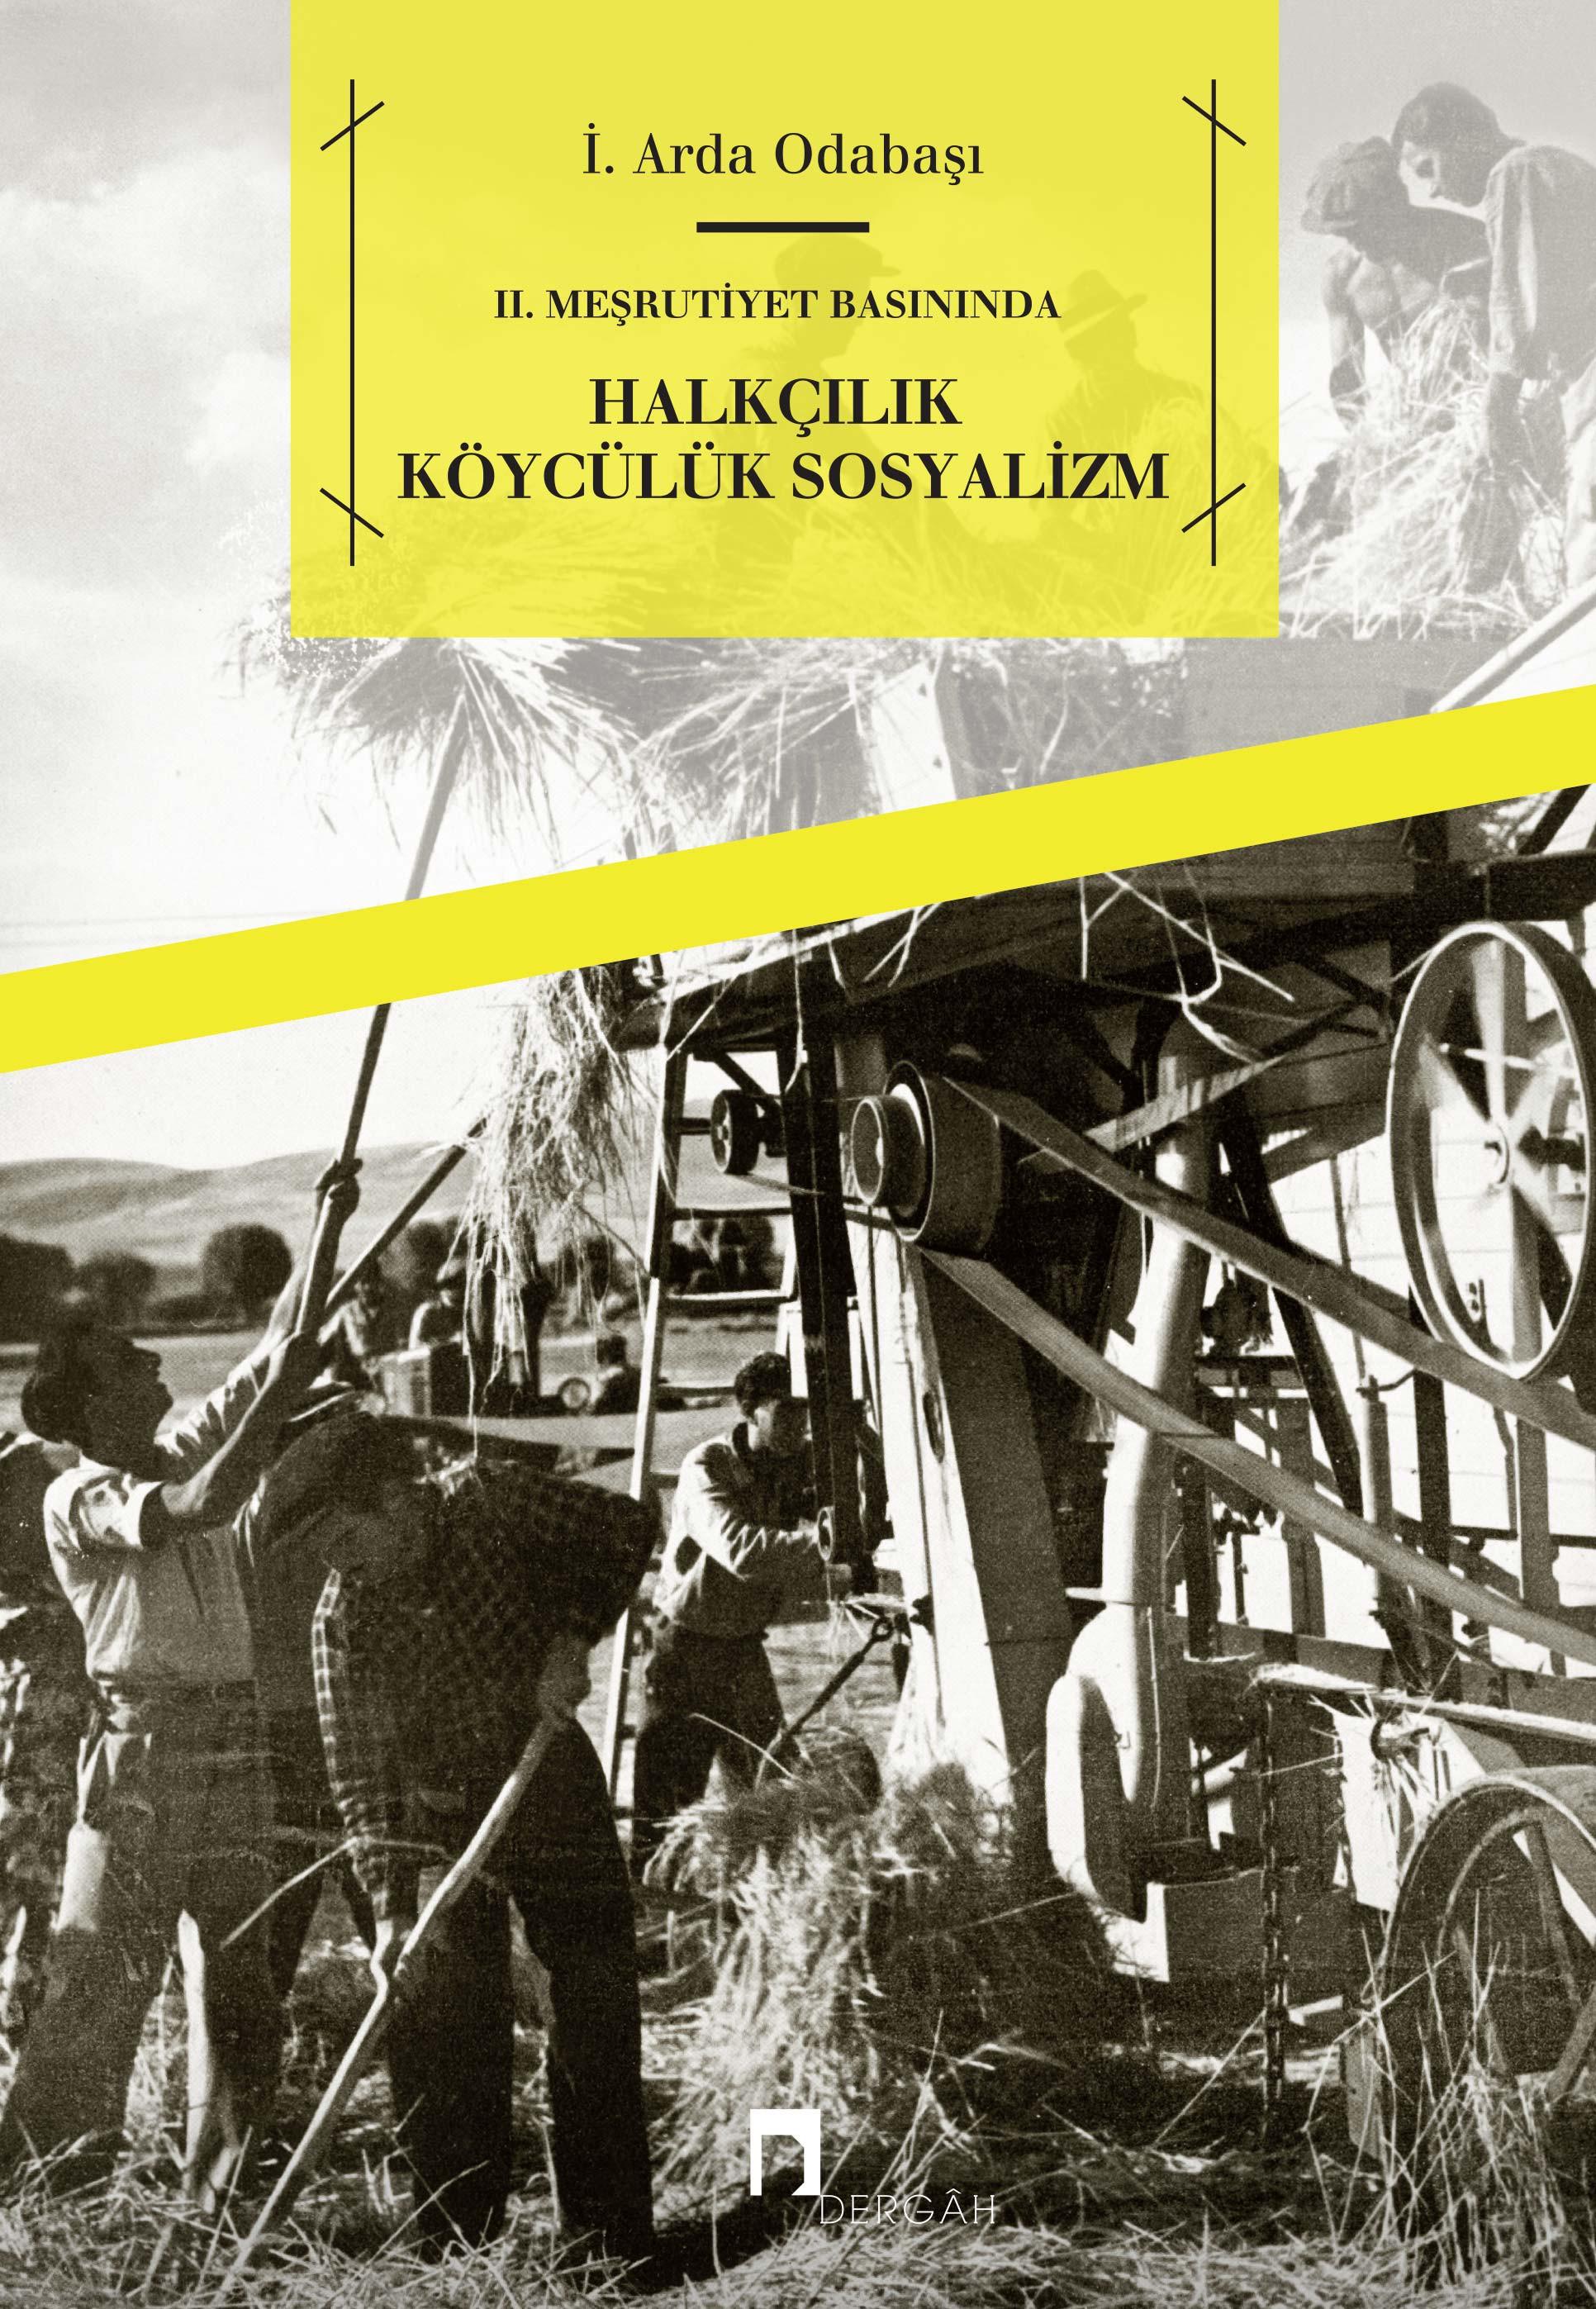 II. Meşrutiyet Basınında Halkçılık Köycülük Sosyalizm